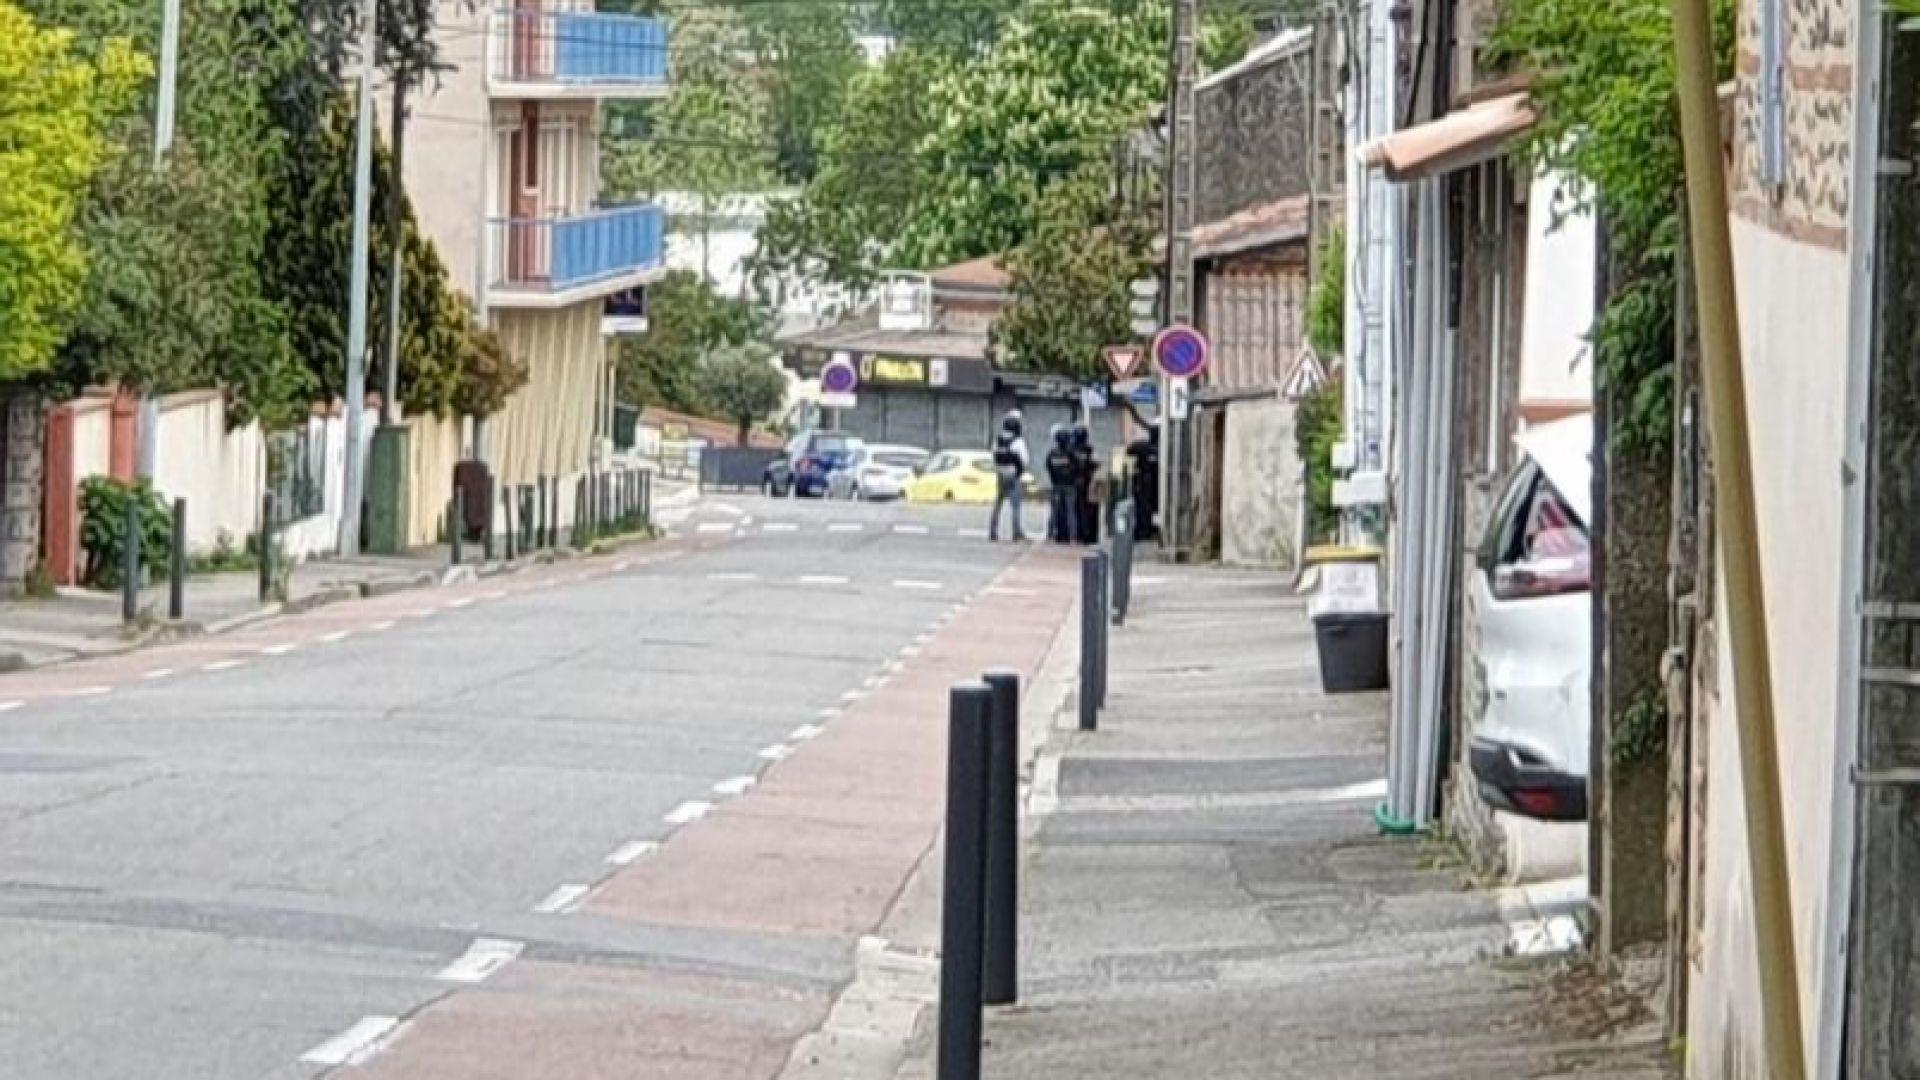 Заложниците, задържани от въоръжен младеж в магазин край Тулуза, бяха освободени